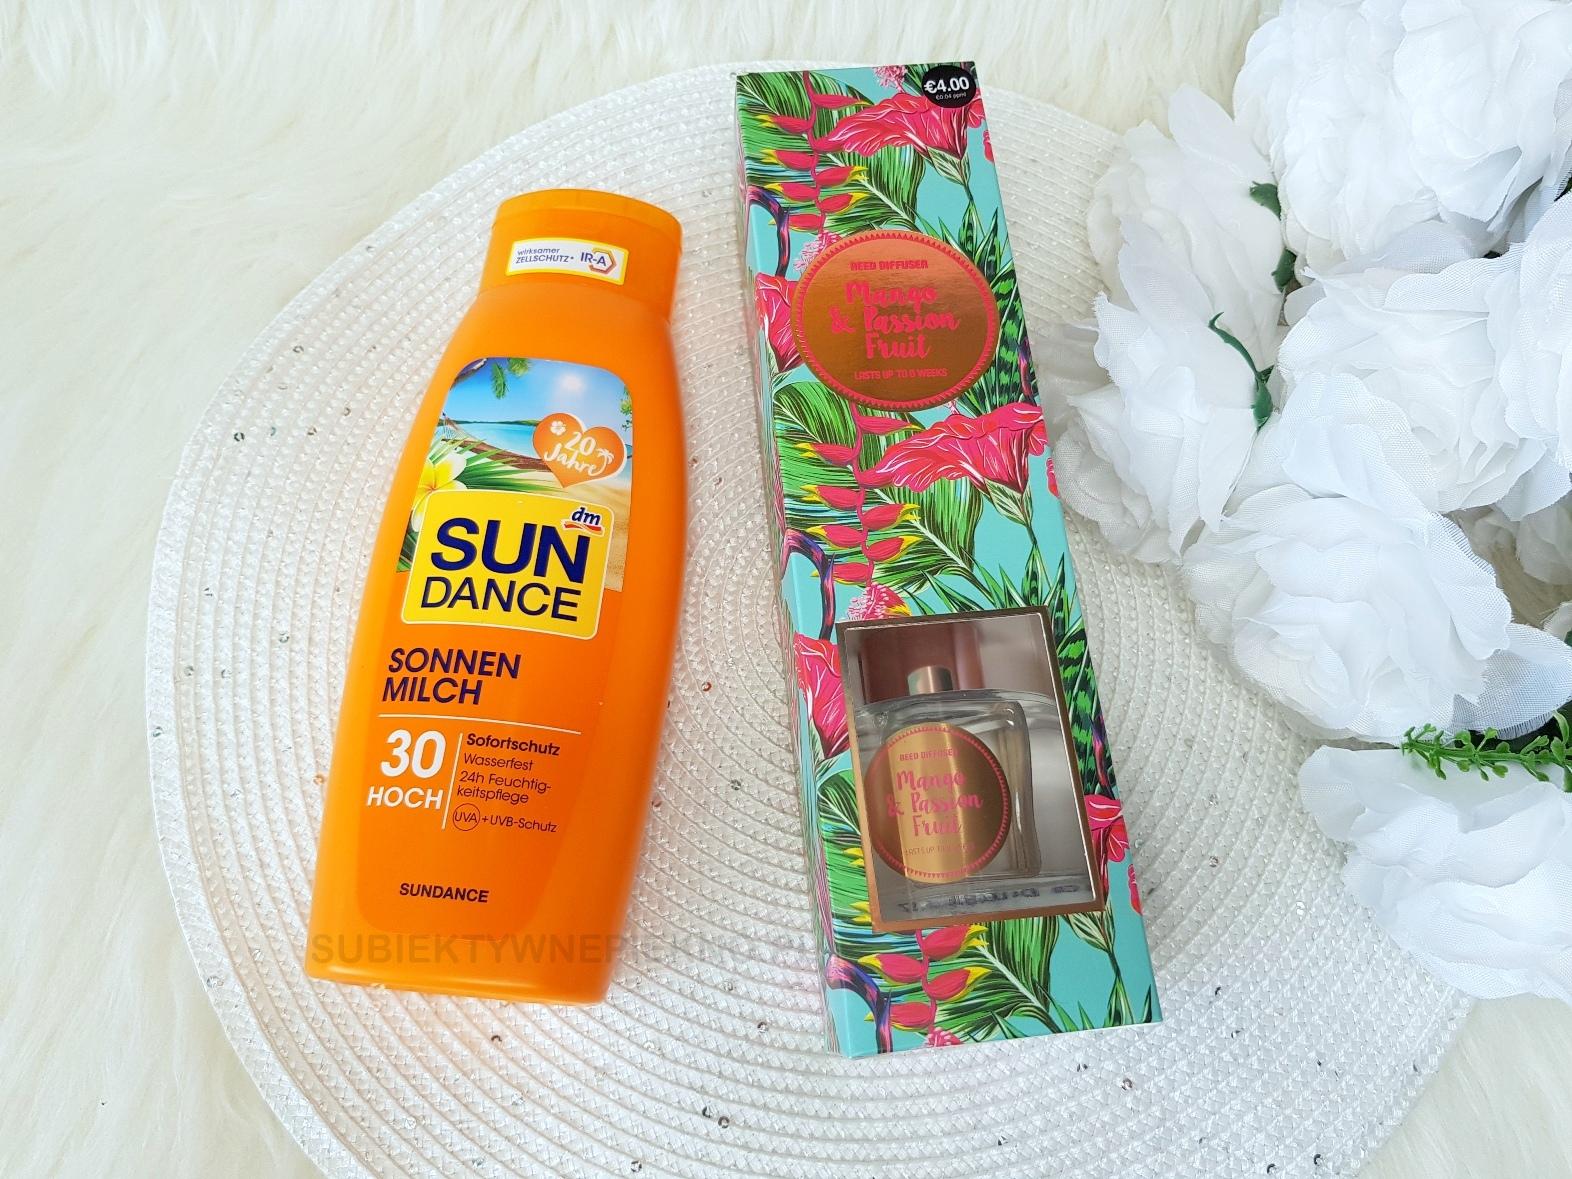 Zakupy DM i Primark - Sun Dance, patyczki zapachowe